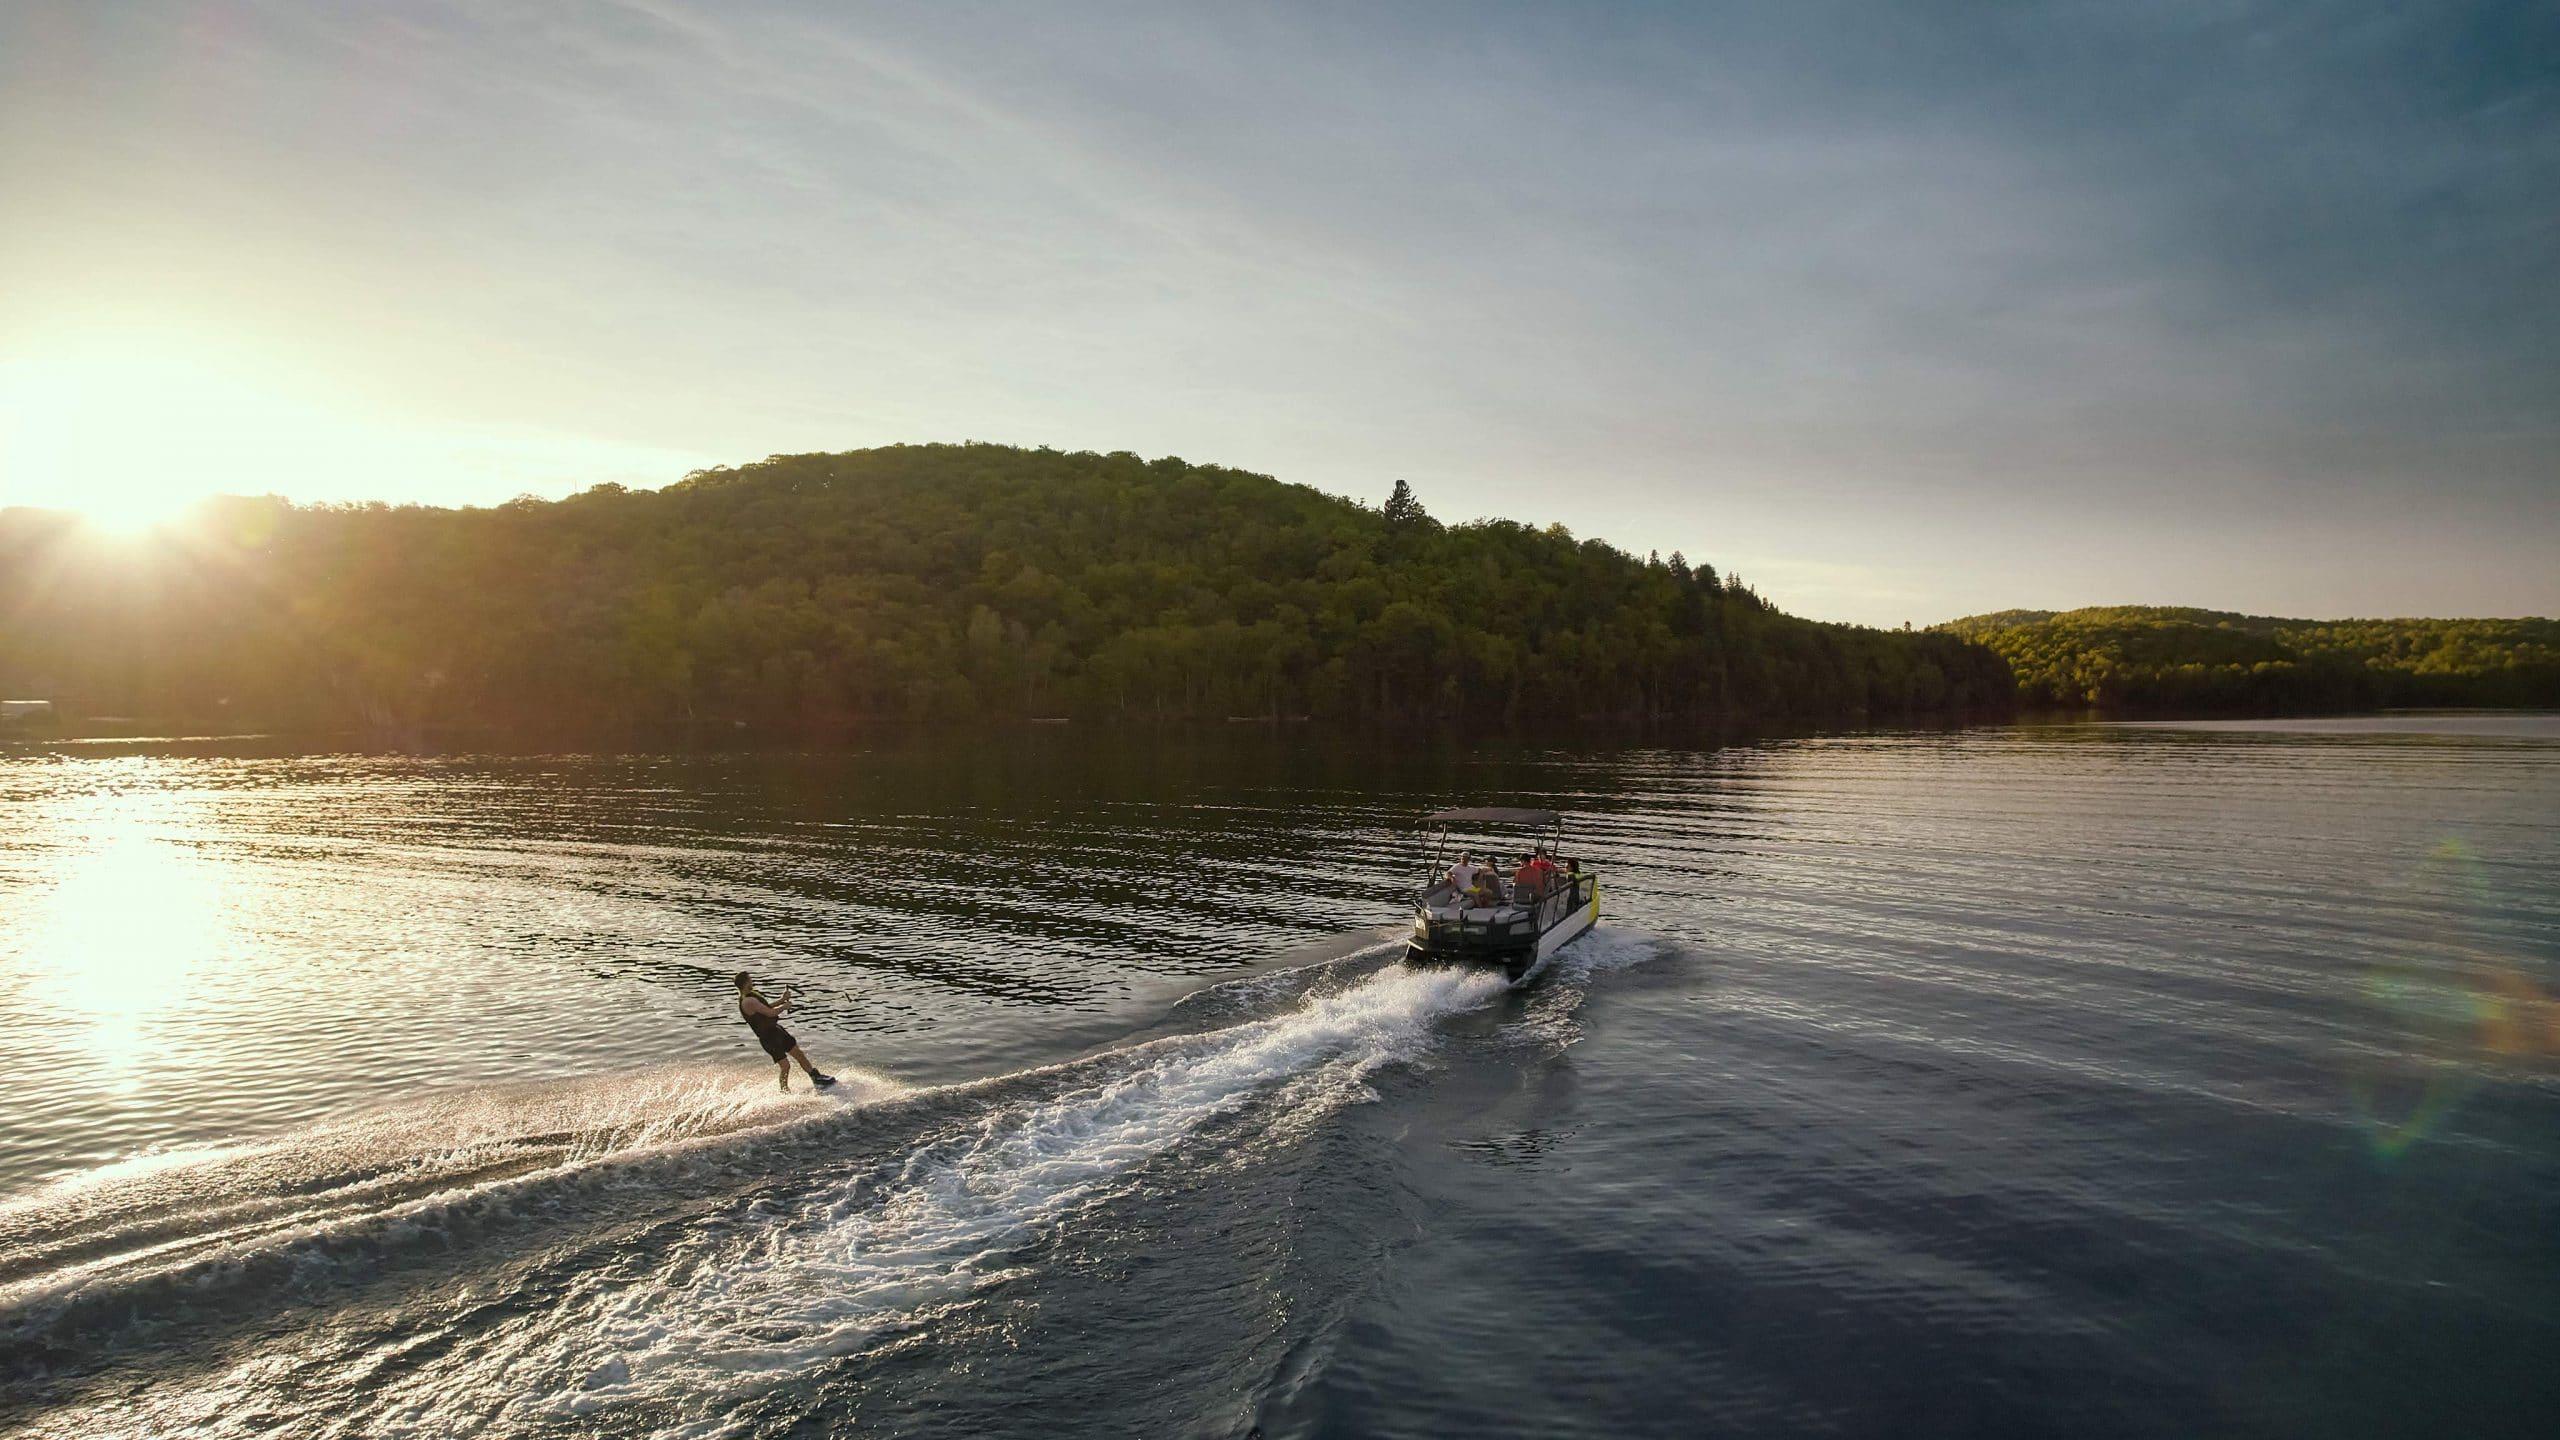 Les sports nautiques facilement praticables avec le Switch Sport 2022! Source: https://www.sea-doo.com/ca/fr/pontons/switch-sport.html